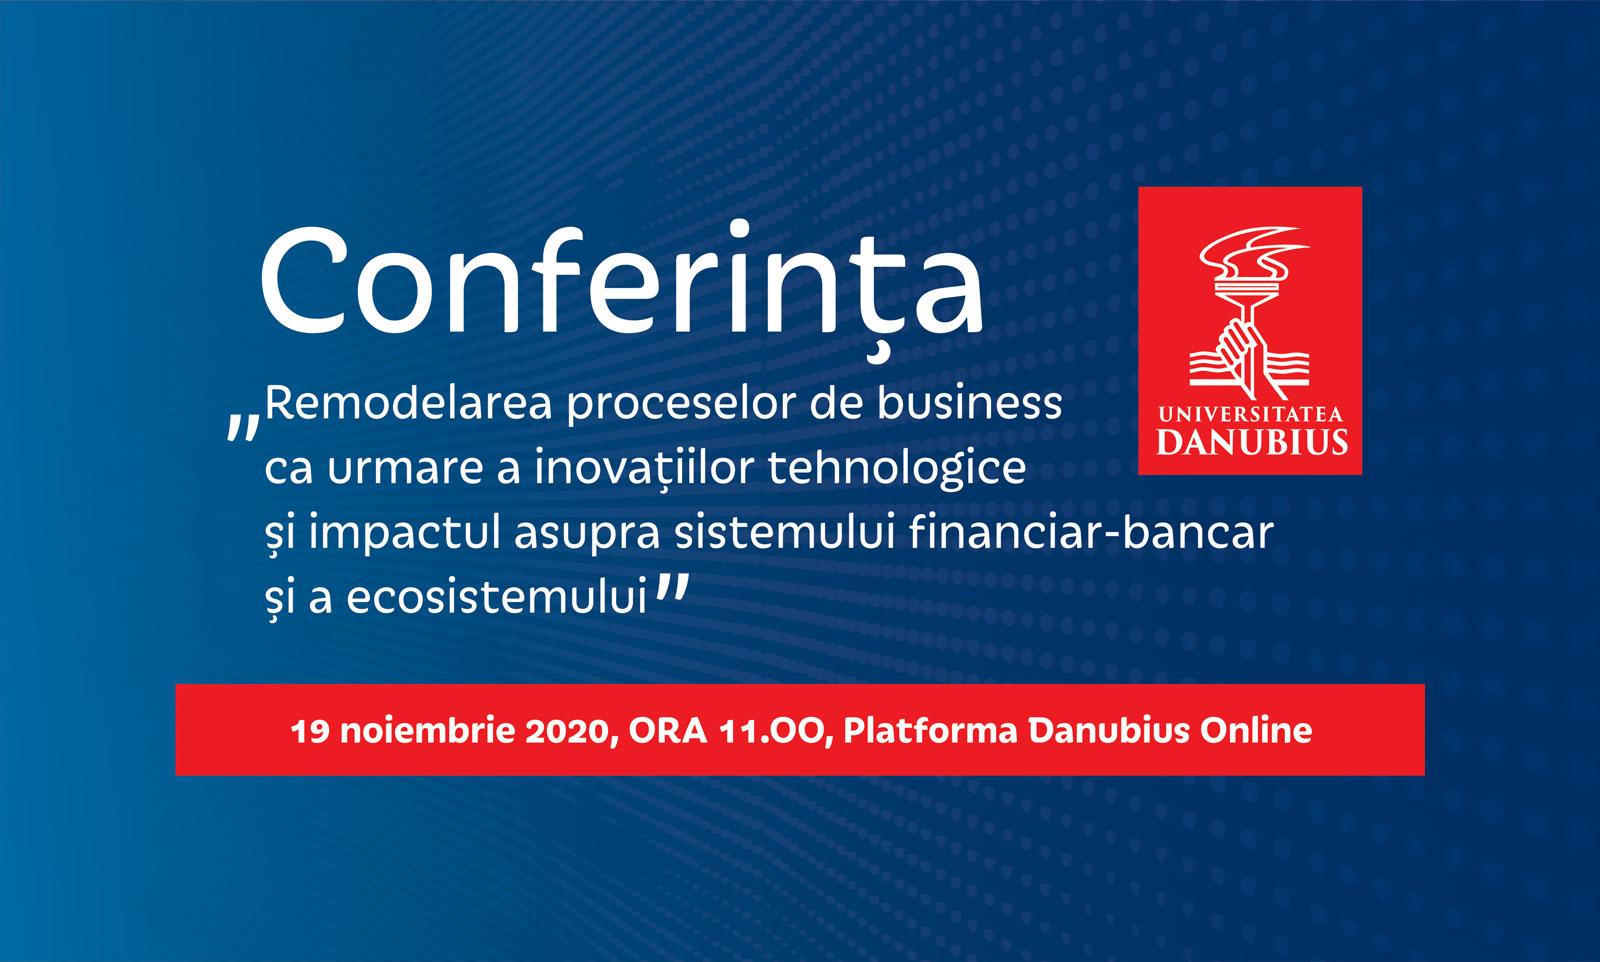 Conferința online despre remodelarea proceselor de business ca urmare a inovațiilor tehnologice, la Universitatea Danubius